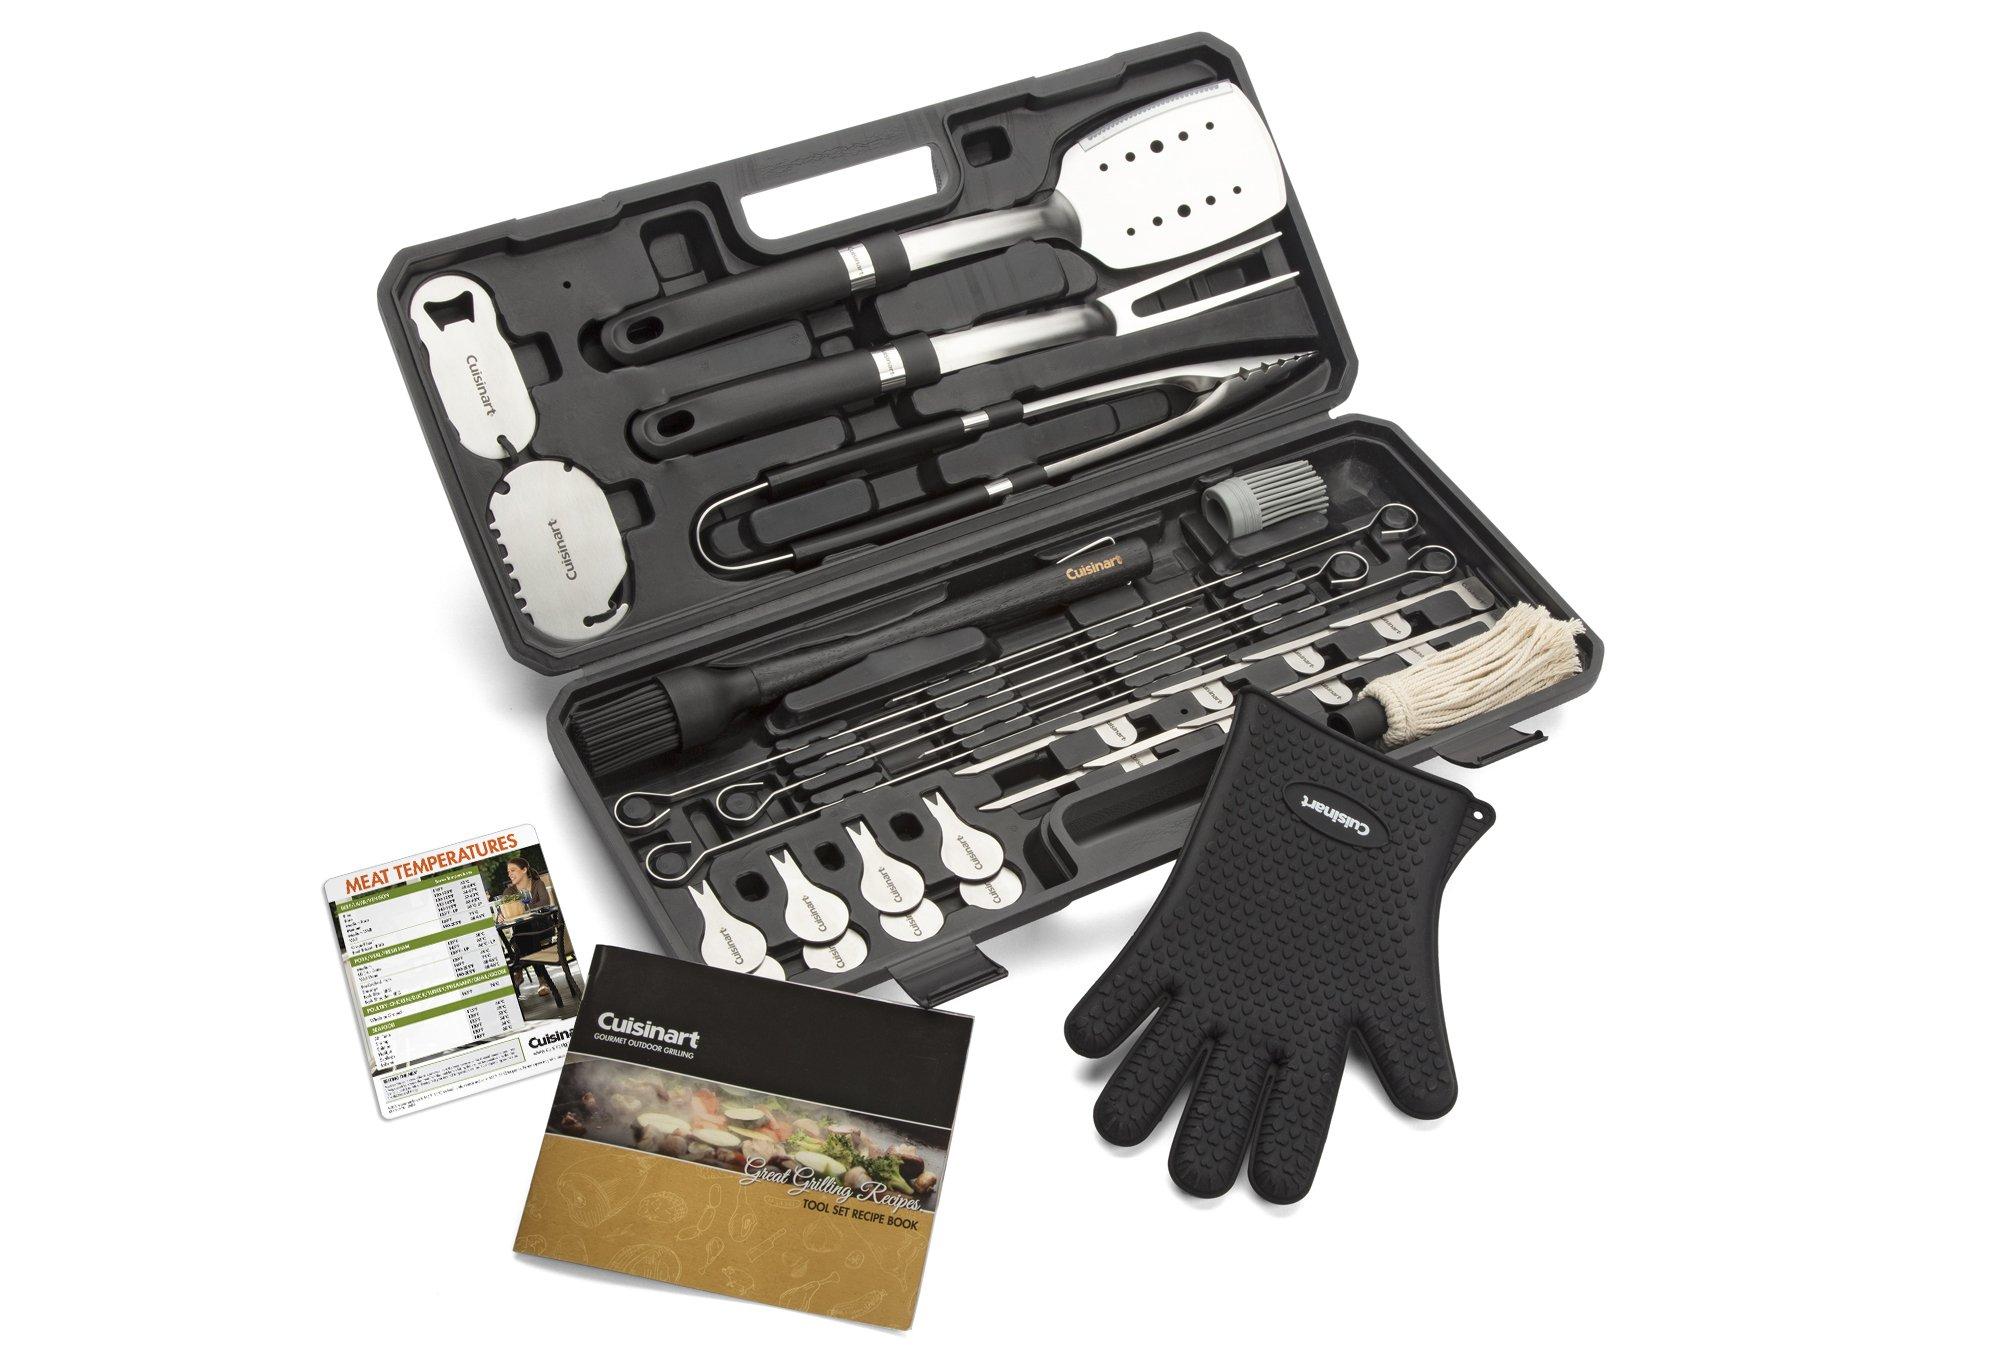 Cuisinart CGS-8036 Backyard BBQ Tool Set, 36-Piece by Cuisinart